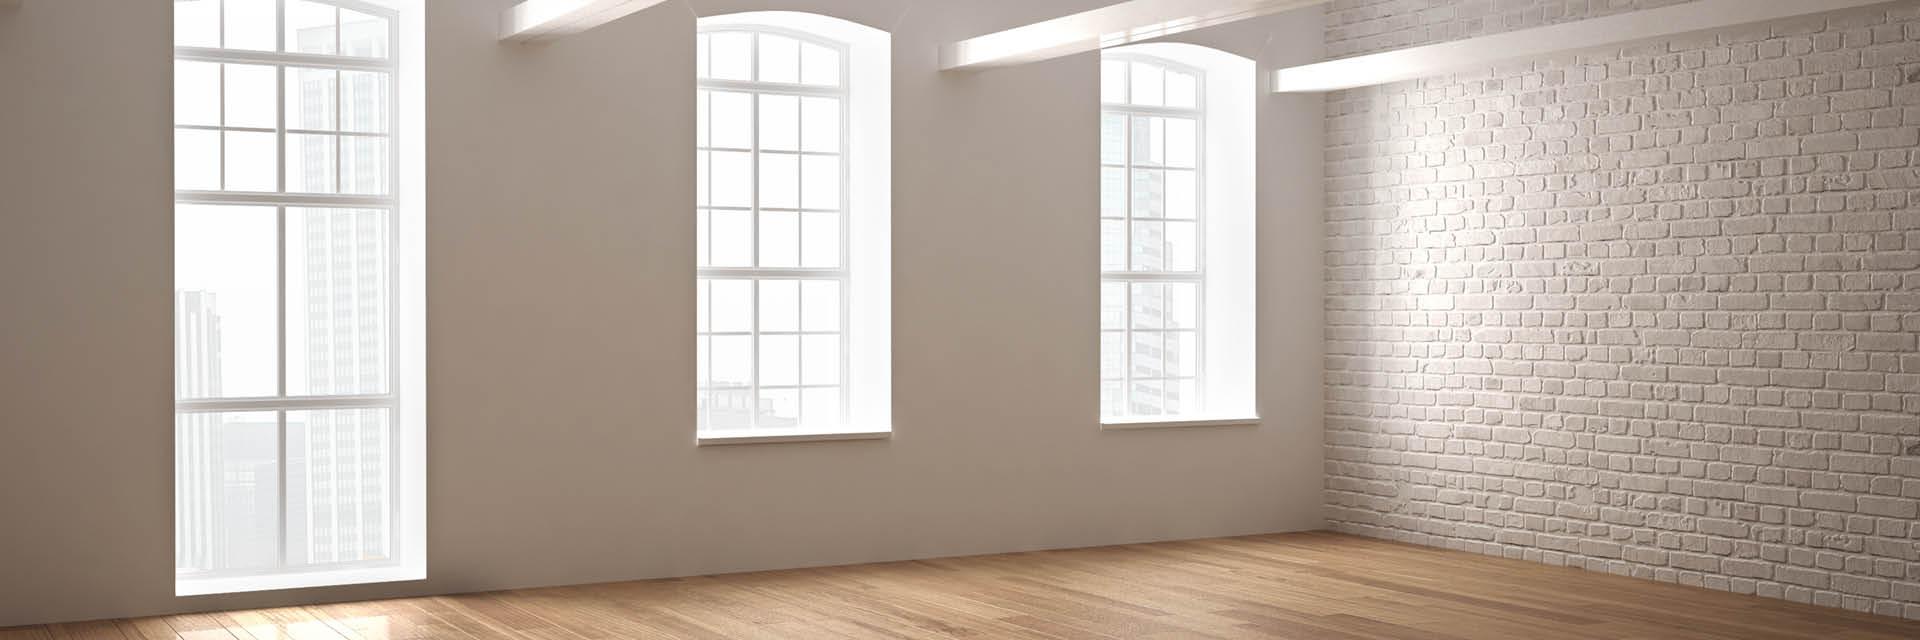 Kleines Wohnzimmer – Einrichtungstipps